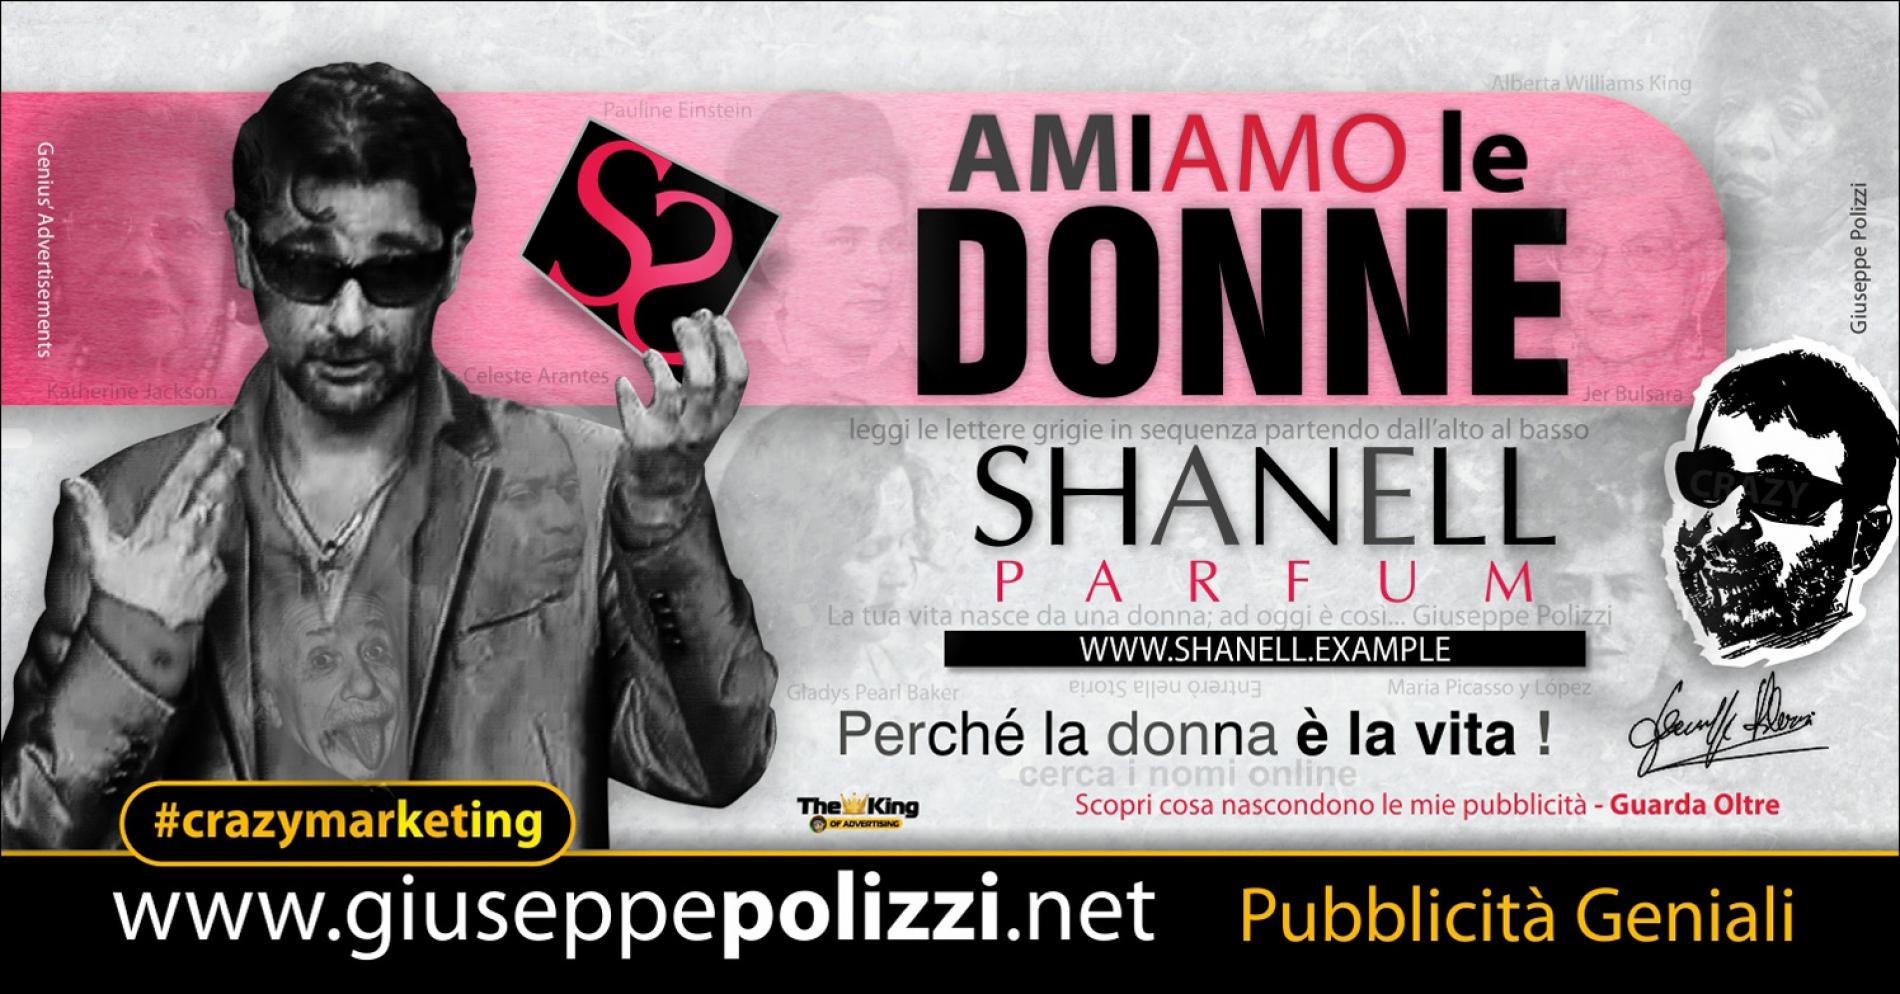 giuseppe Polizzi AmiAmo le donne crazymarketing pubblicita geniali